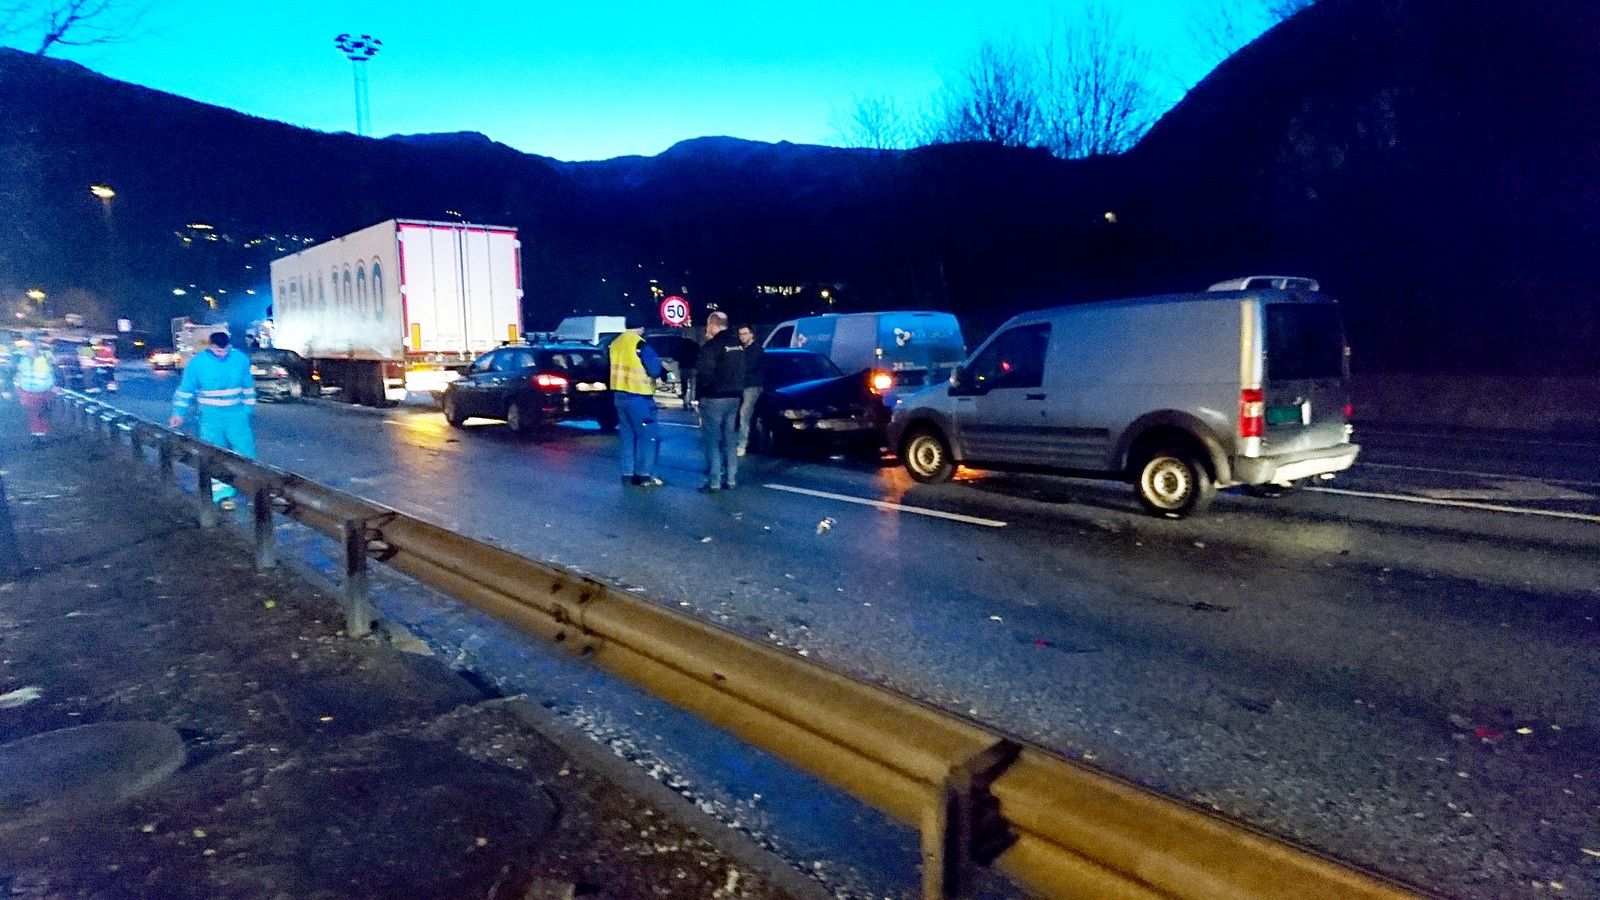 Bilistene hadde ikke sjanse til å stoppe for de mange andre ulykkesrammede kjøretøyene. Totalt rundt 60 biler var involvert i krasjen.